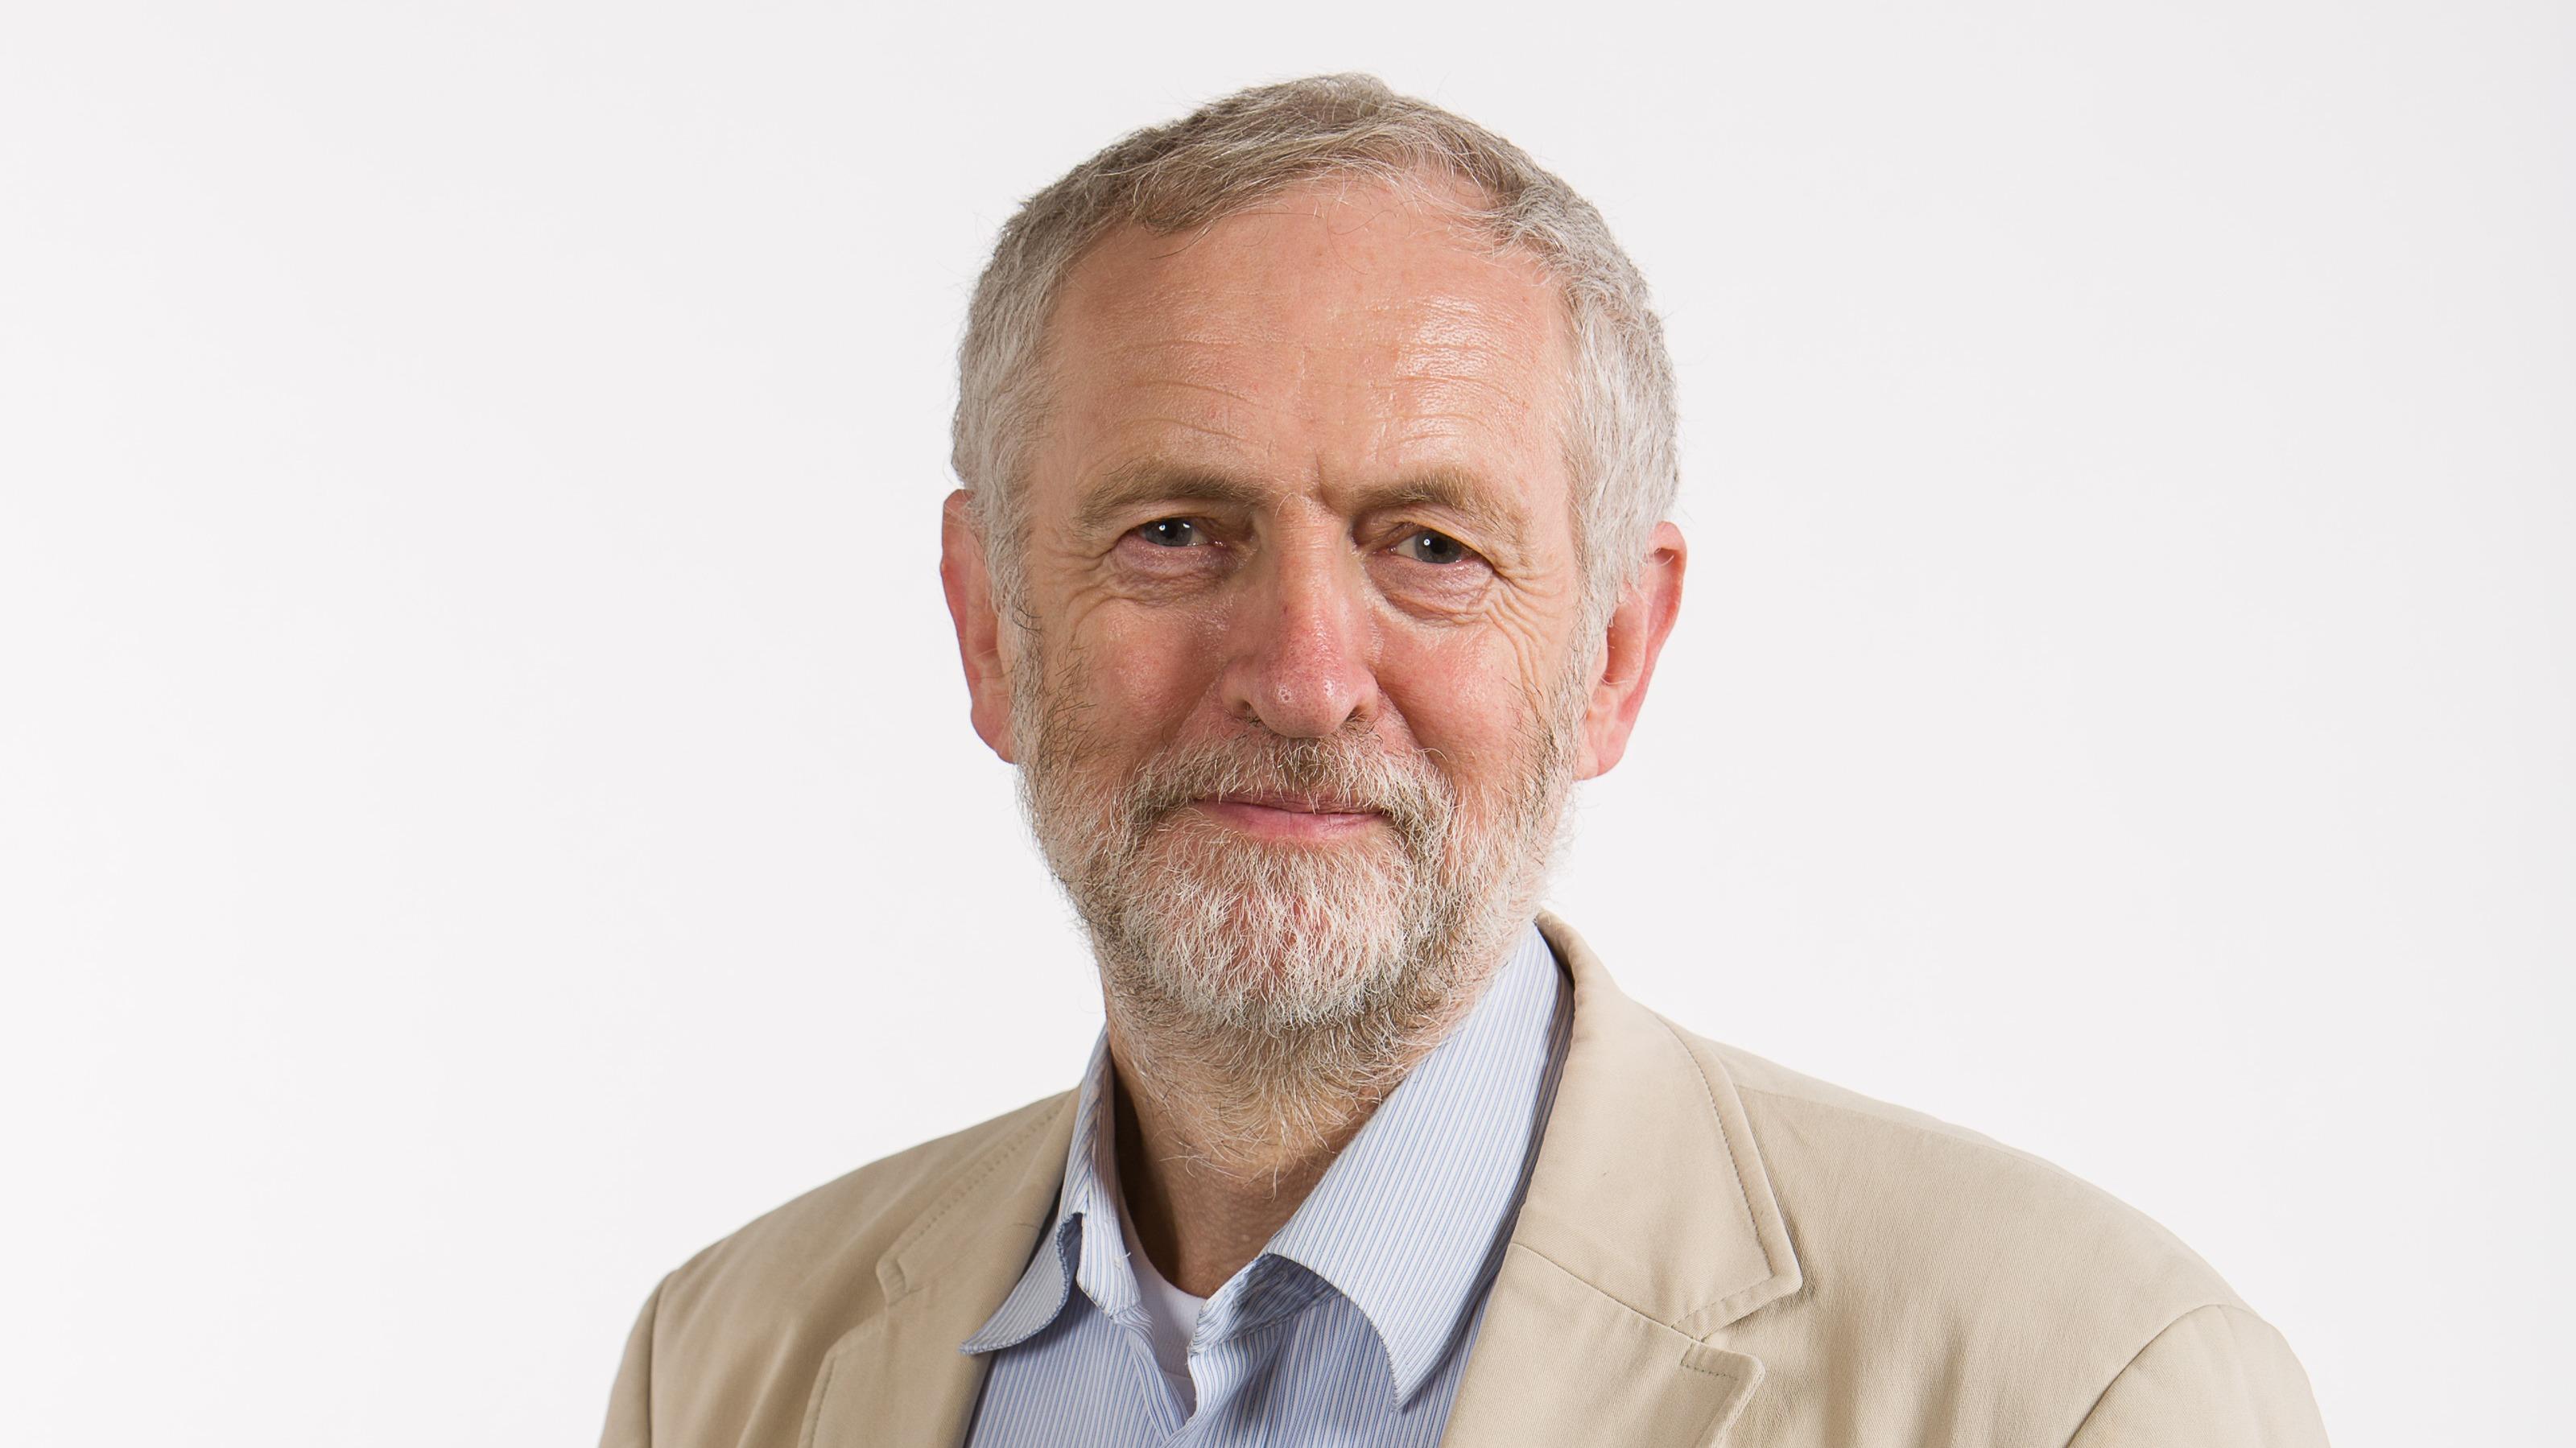 jeremy corbyn - photo #37